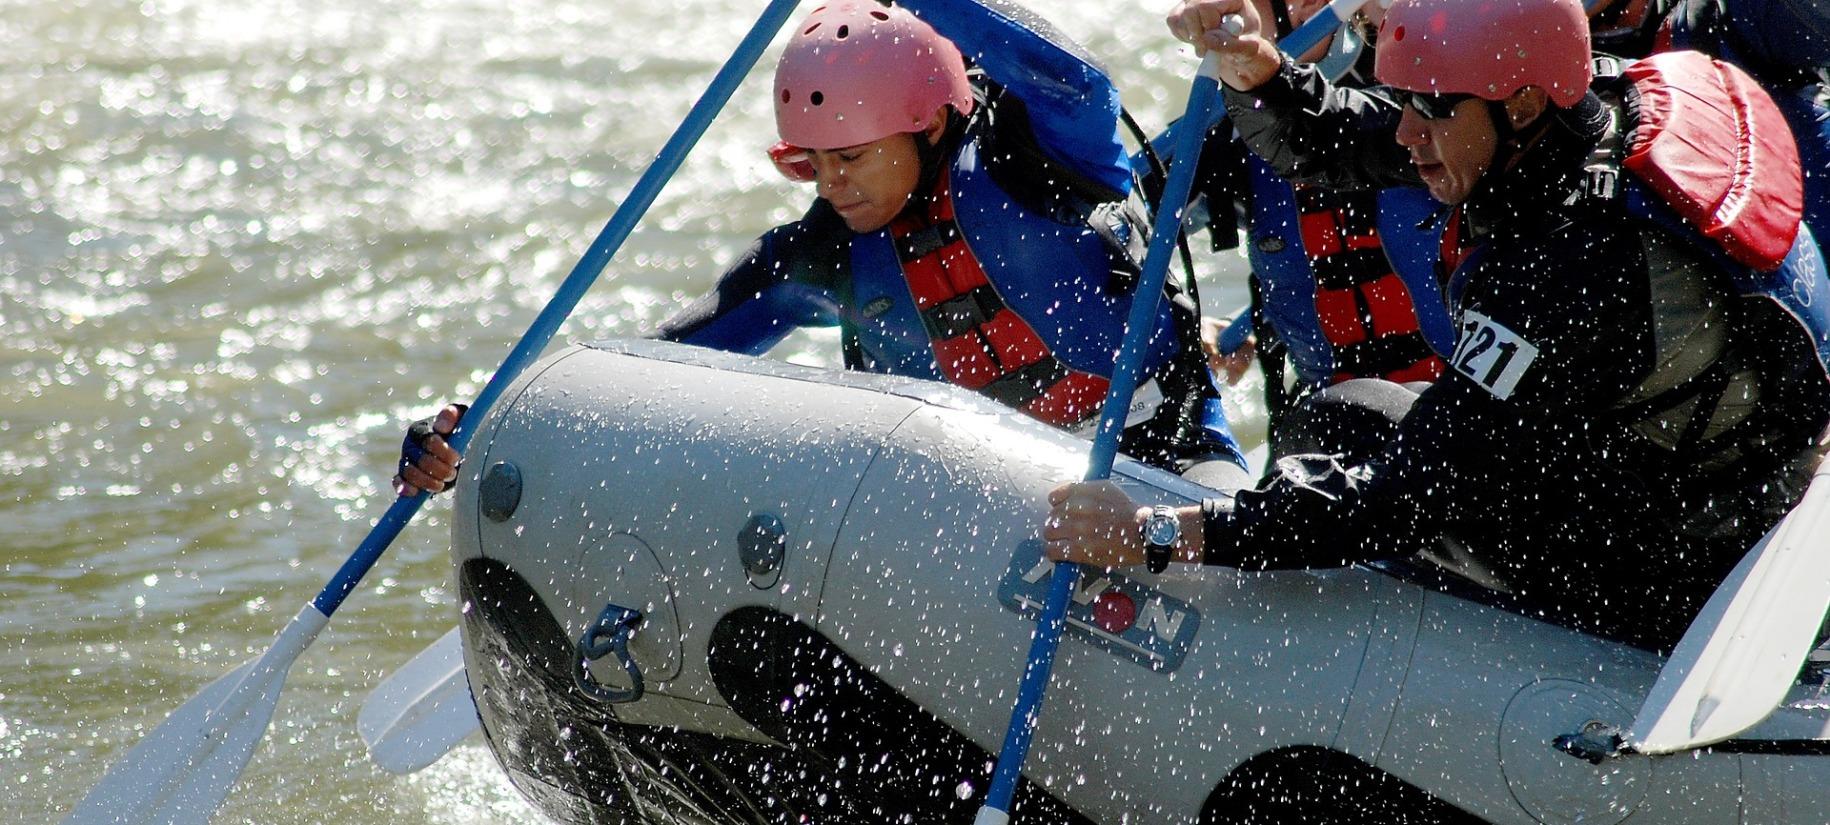 team of people rafting